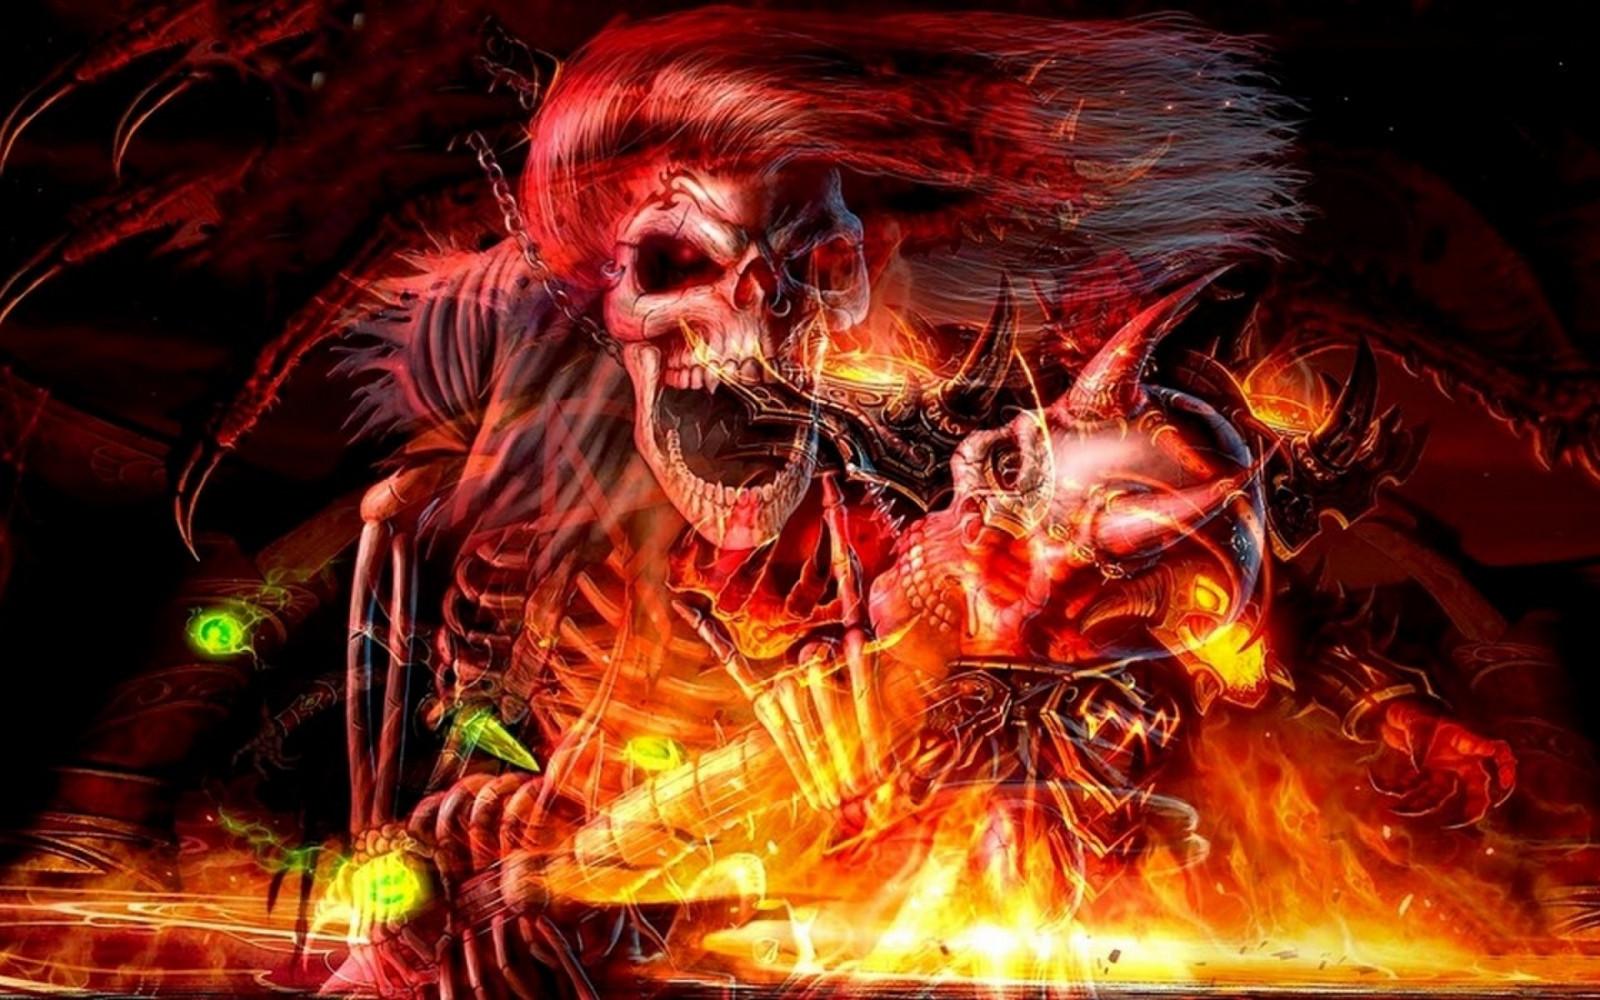 Картинки, крутые картинки дьяволов